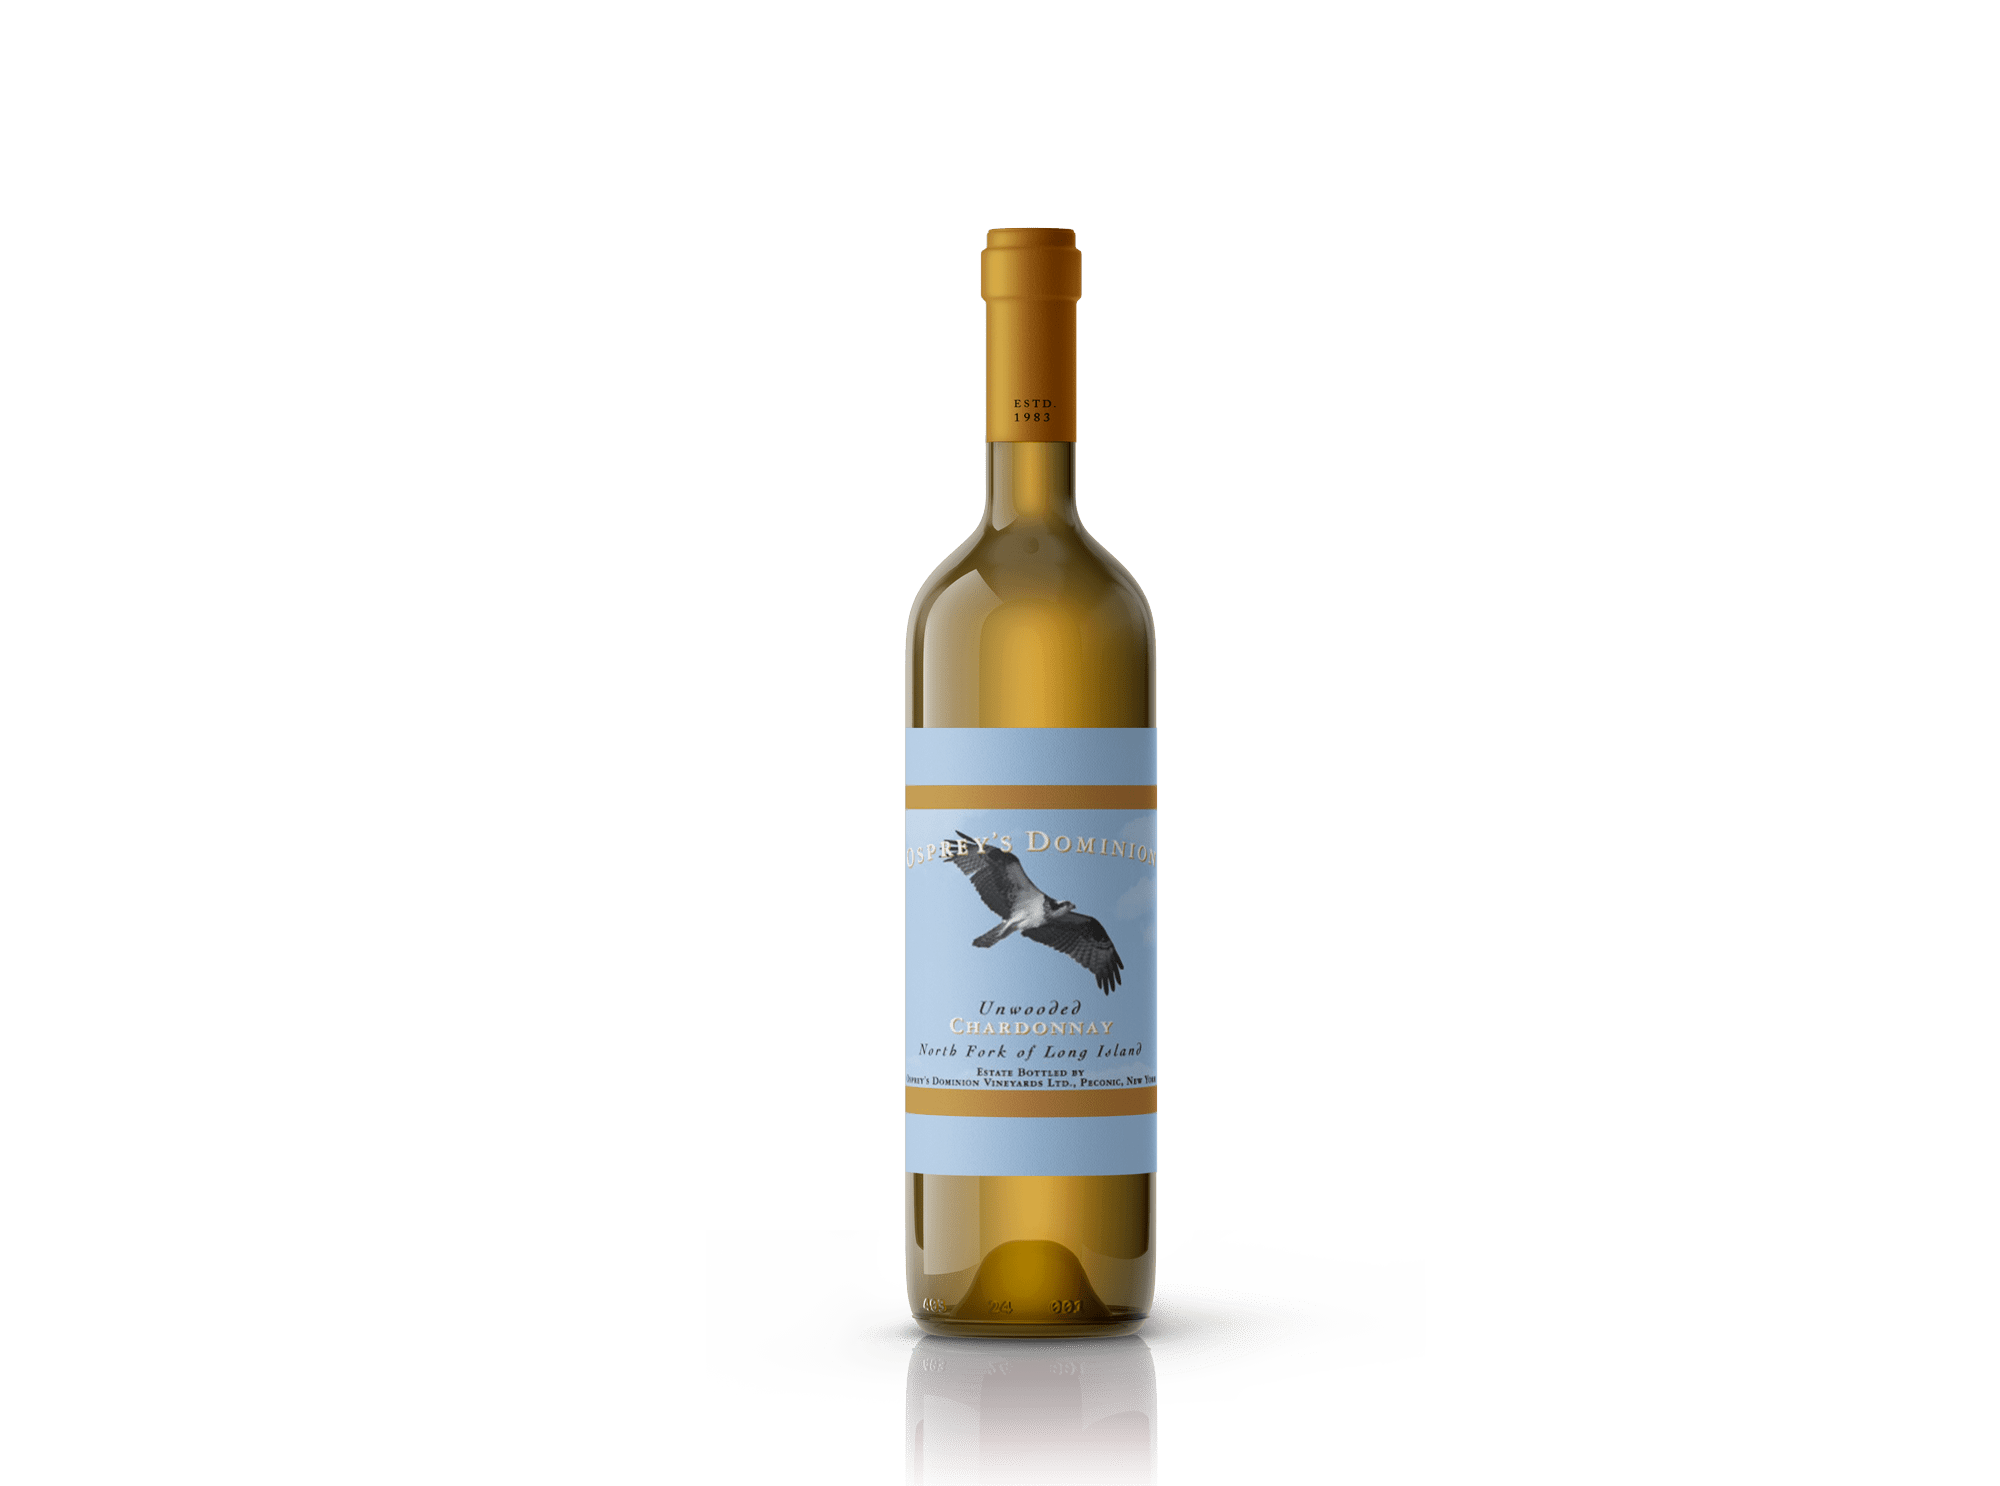 Unwooded Chardonnay wine